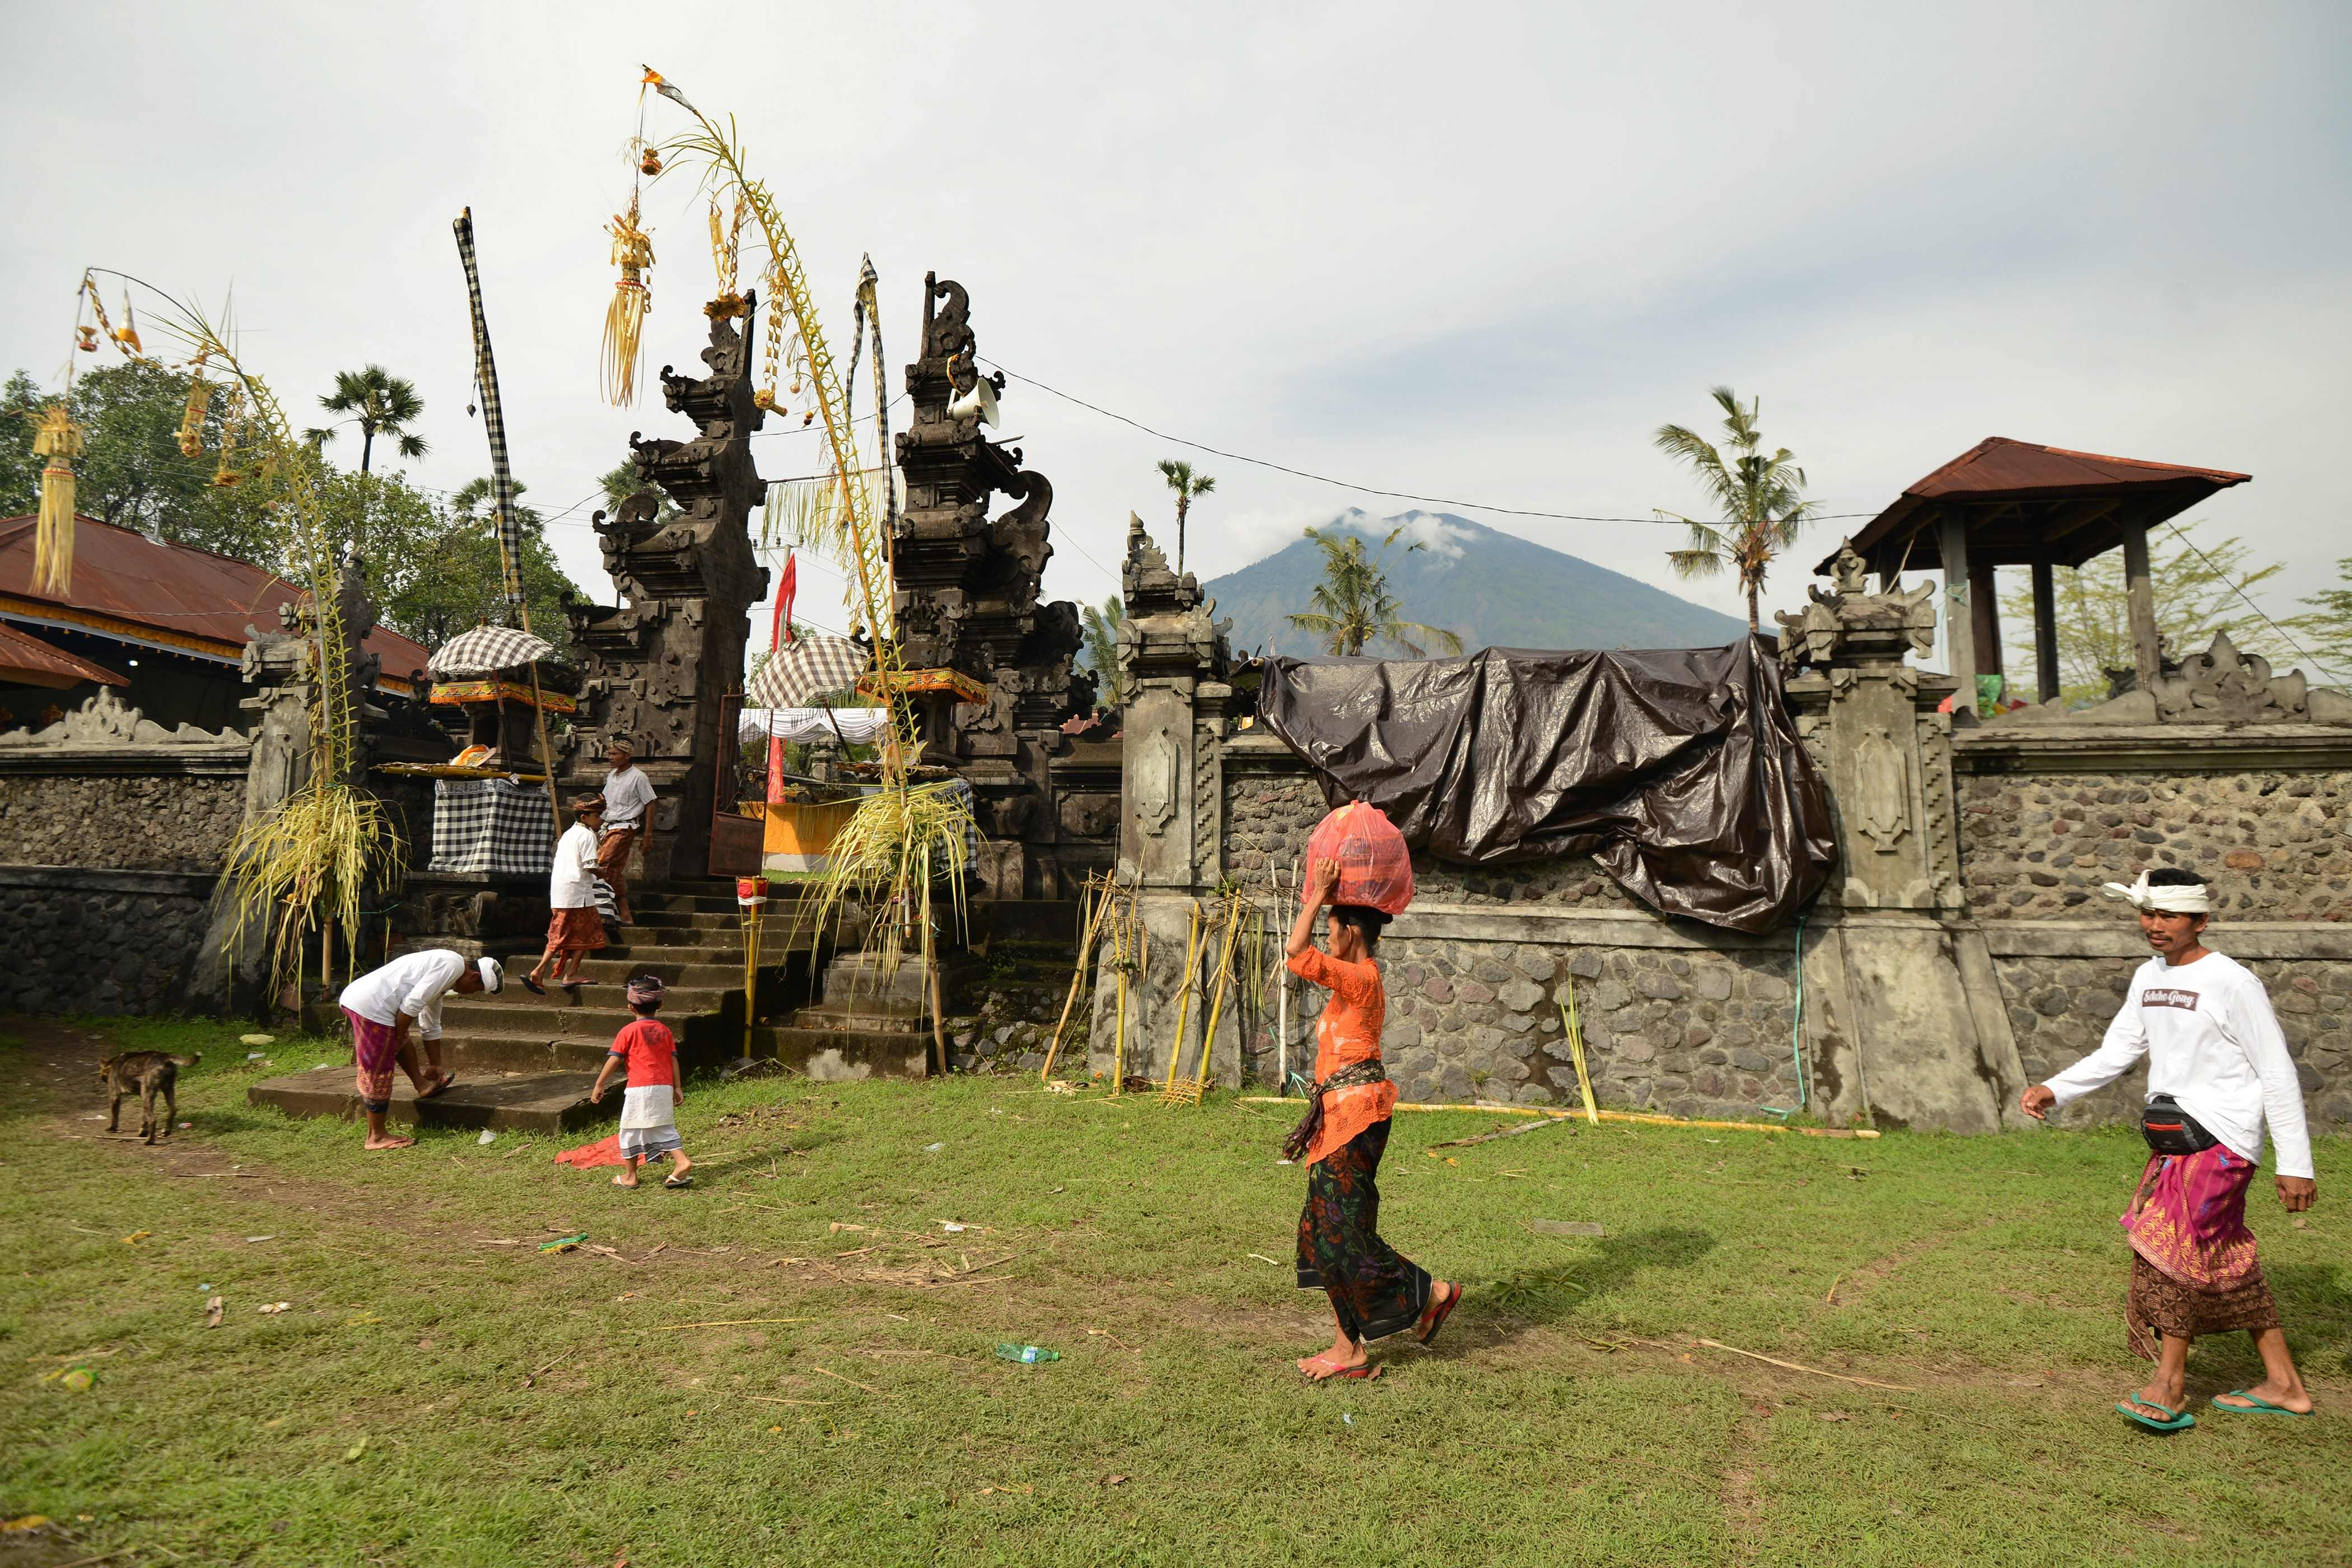 قبائل الهندوس فى إندونيسيا